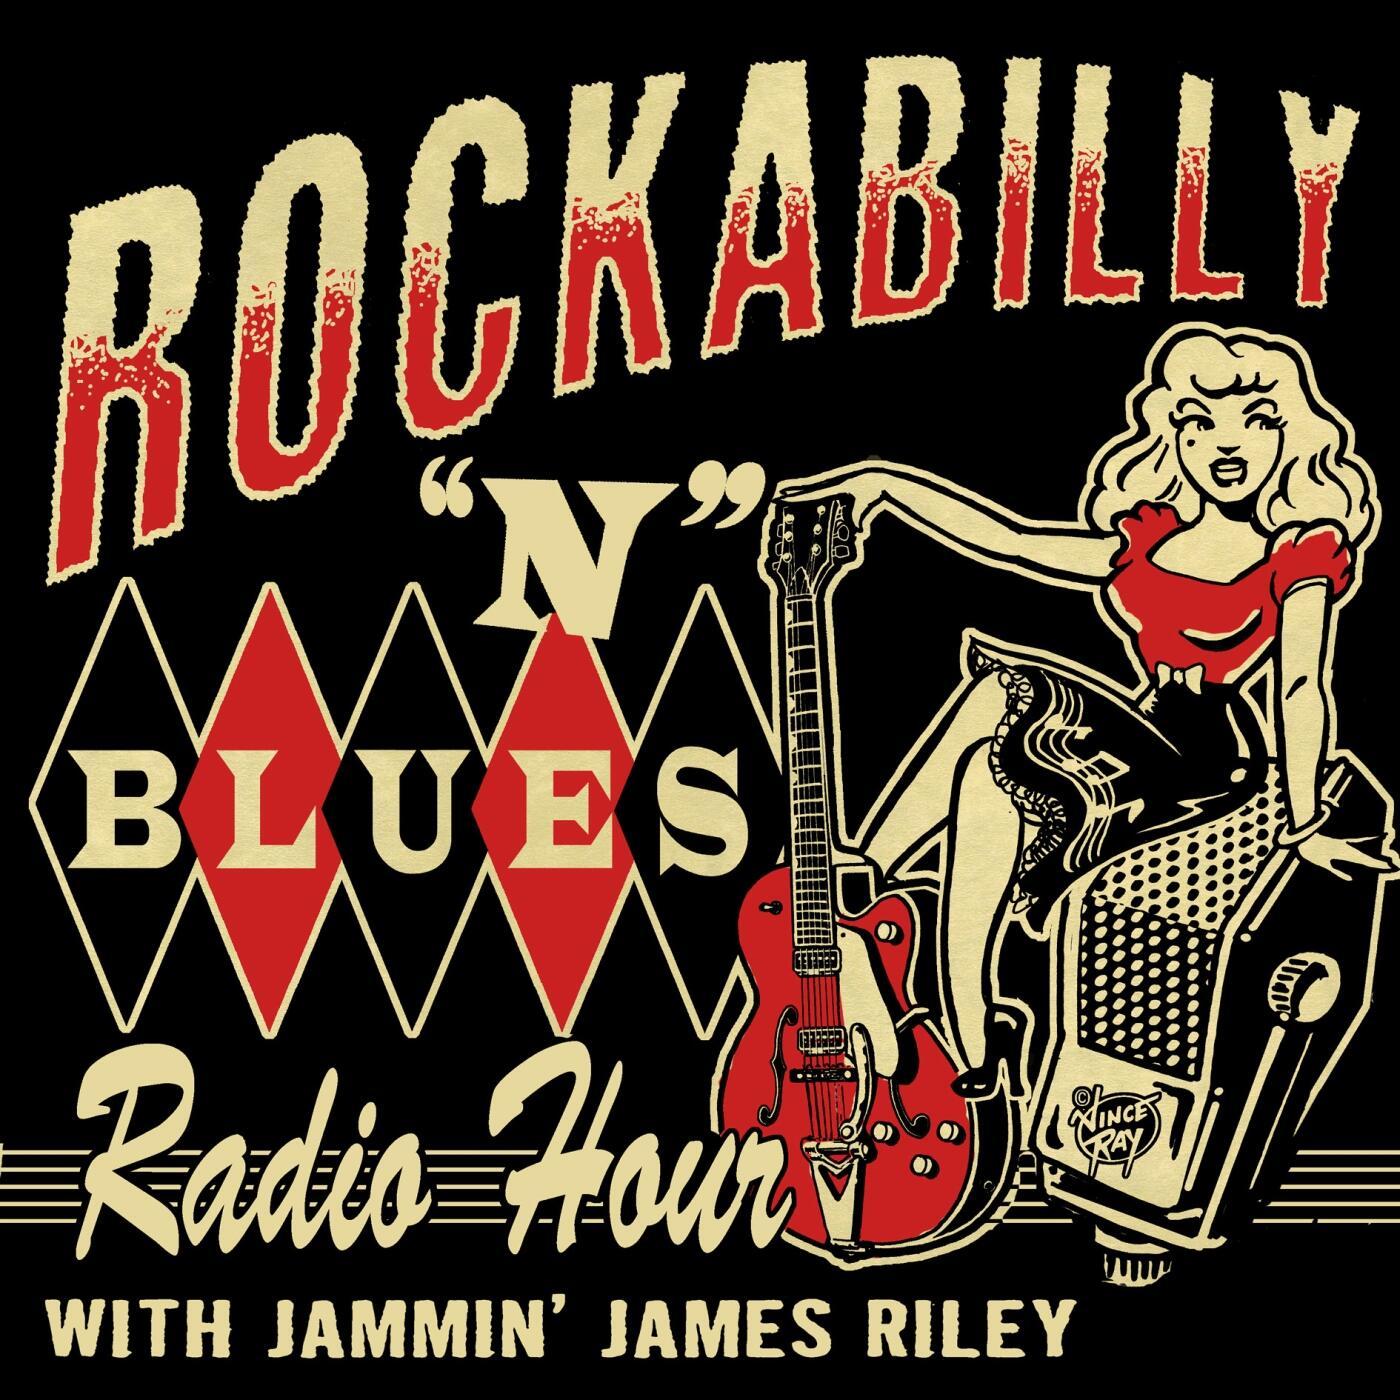 Rockabilly & Blues Radio Hour